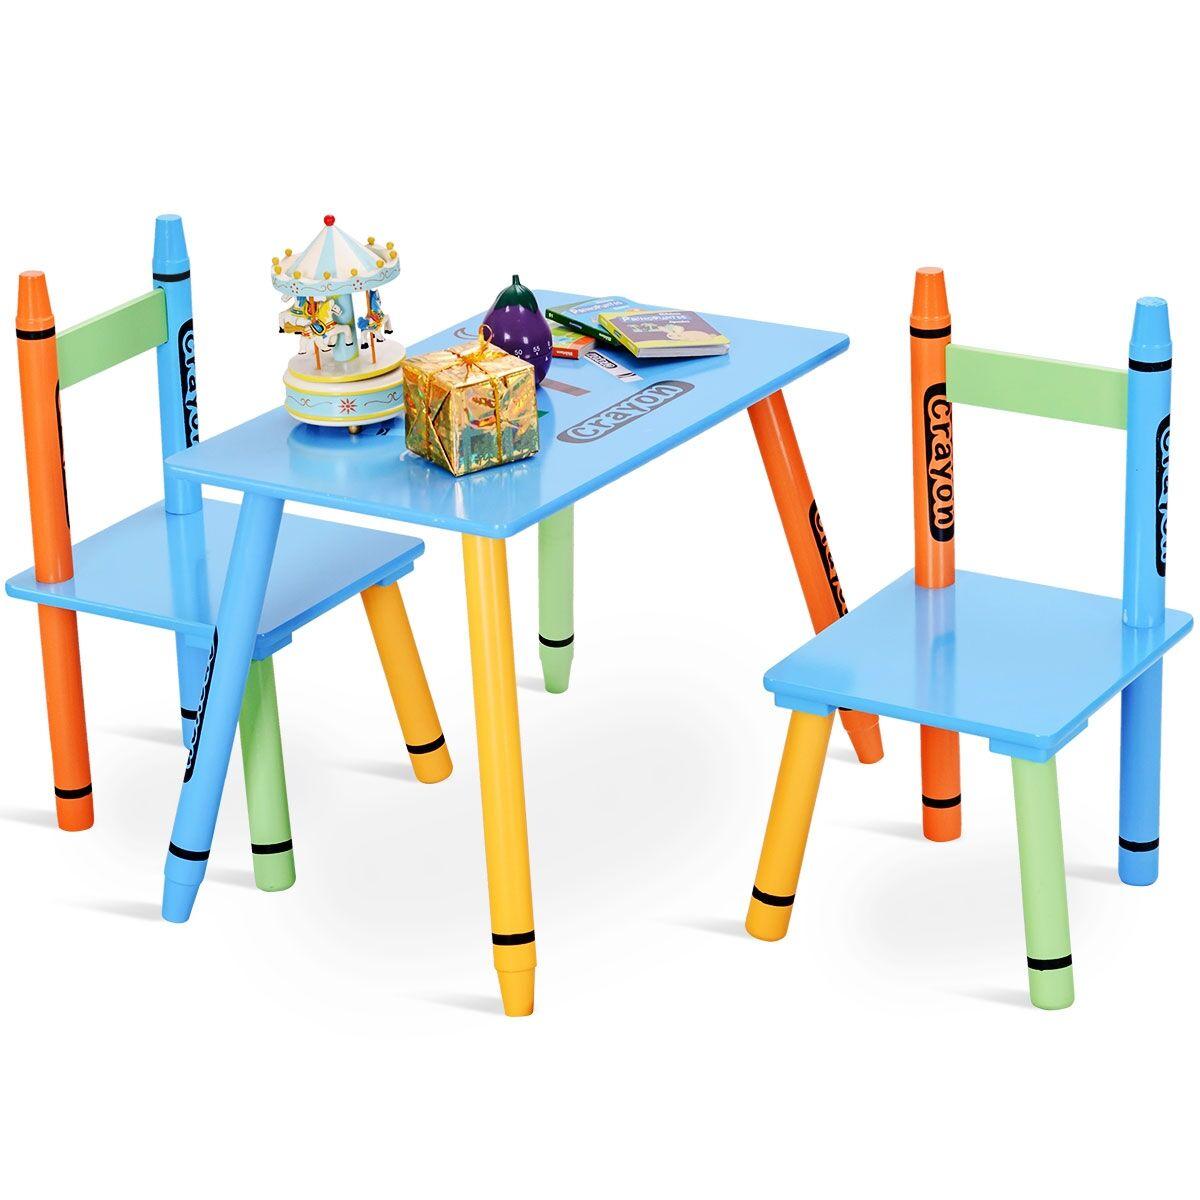 Costway Mesa y Sillas para Niños Madera Muebles Infantil 1 Mesa y 2 Sillas con Tabla y Asientos Escritorio